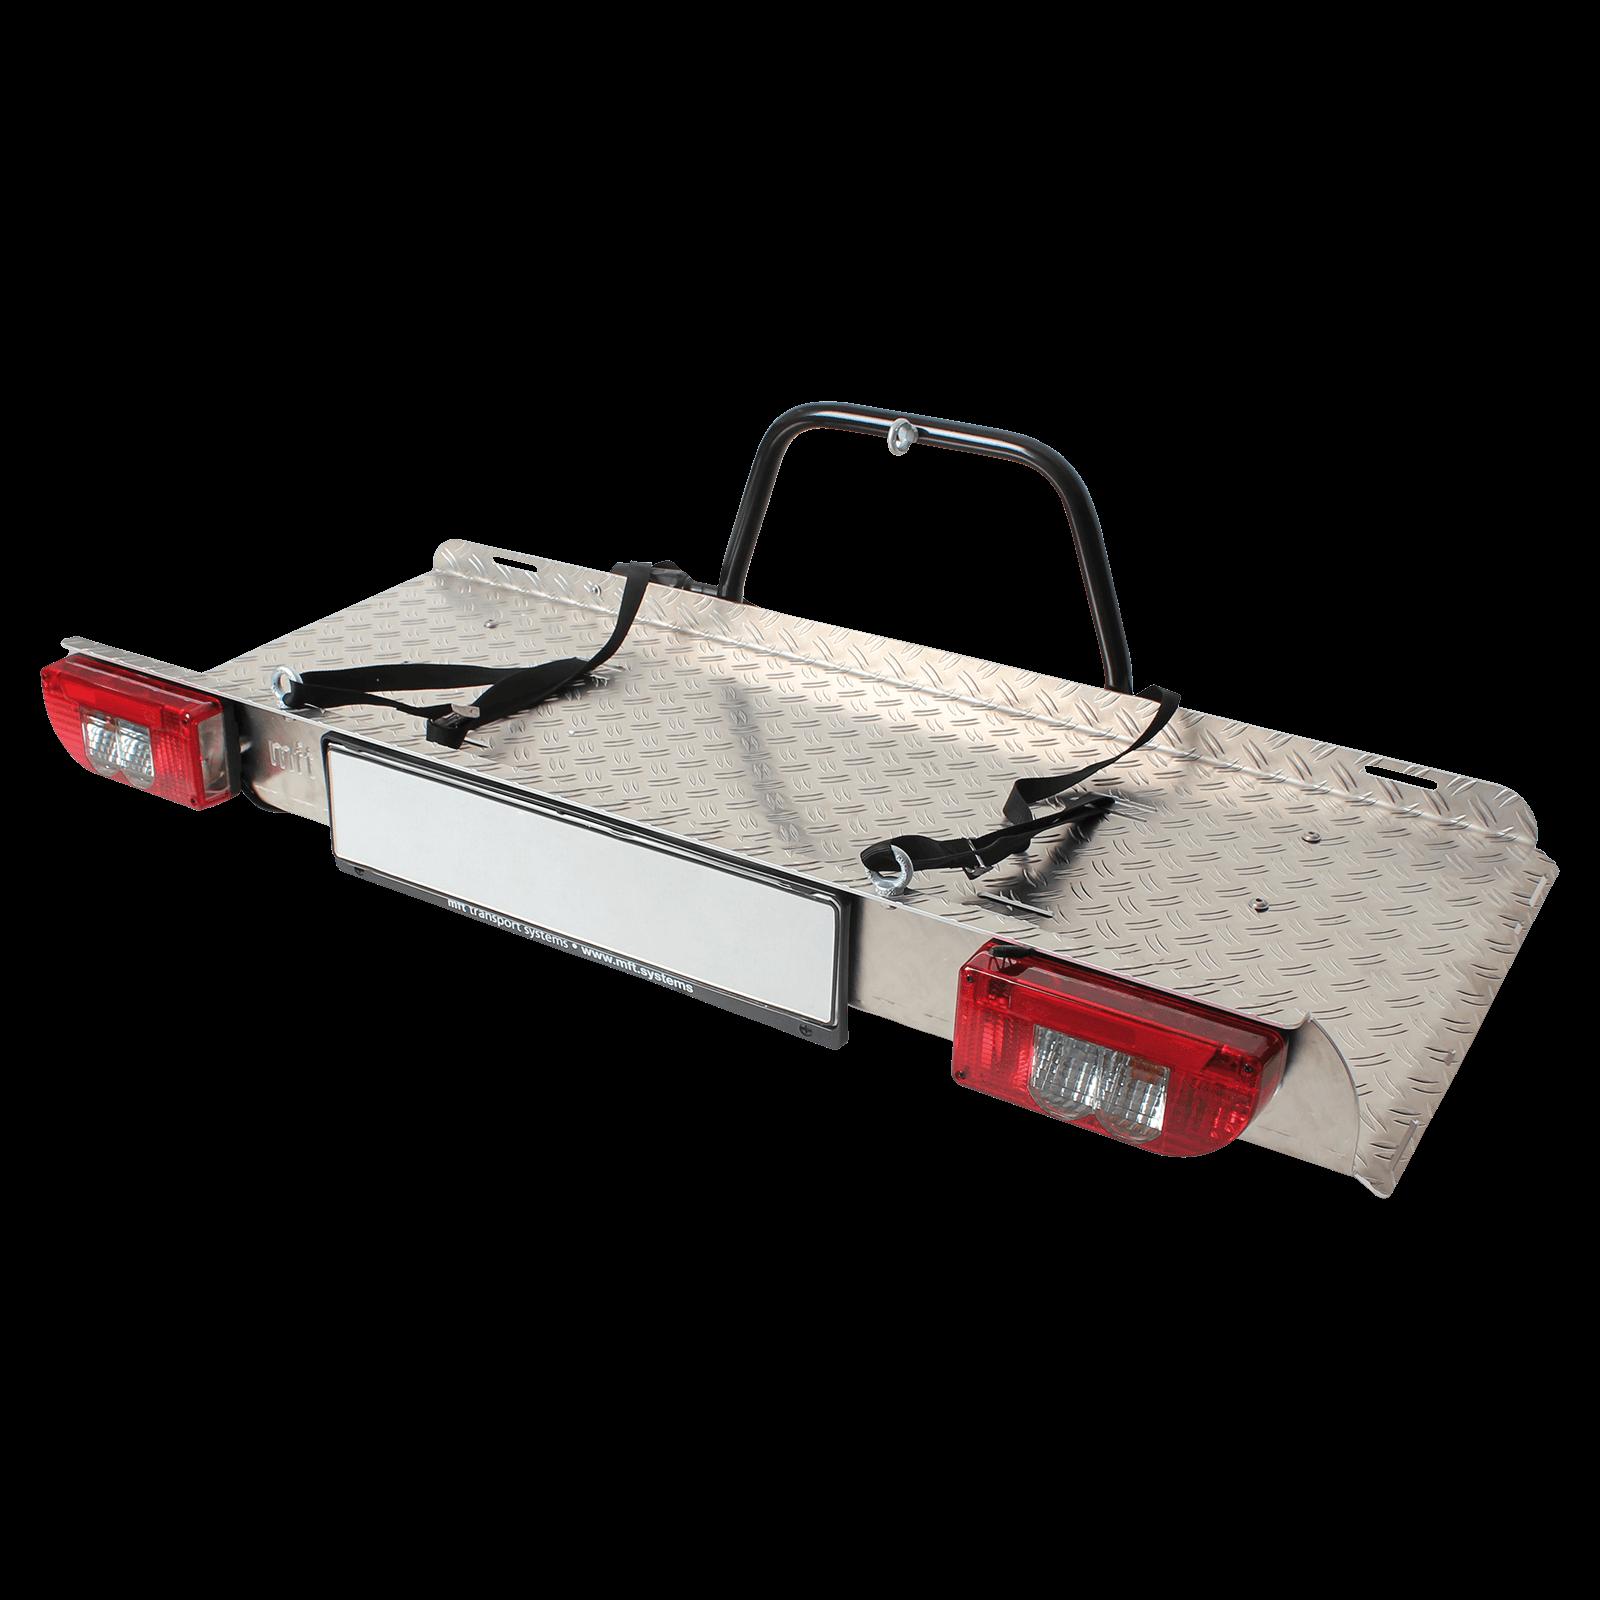 sport günstig online kaufentransportplattform mft backpack für tragemodul backcarrier 66 kg zuladung 136cm x 32cm x 65cm verwendung